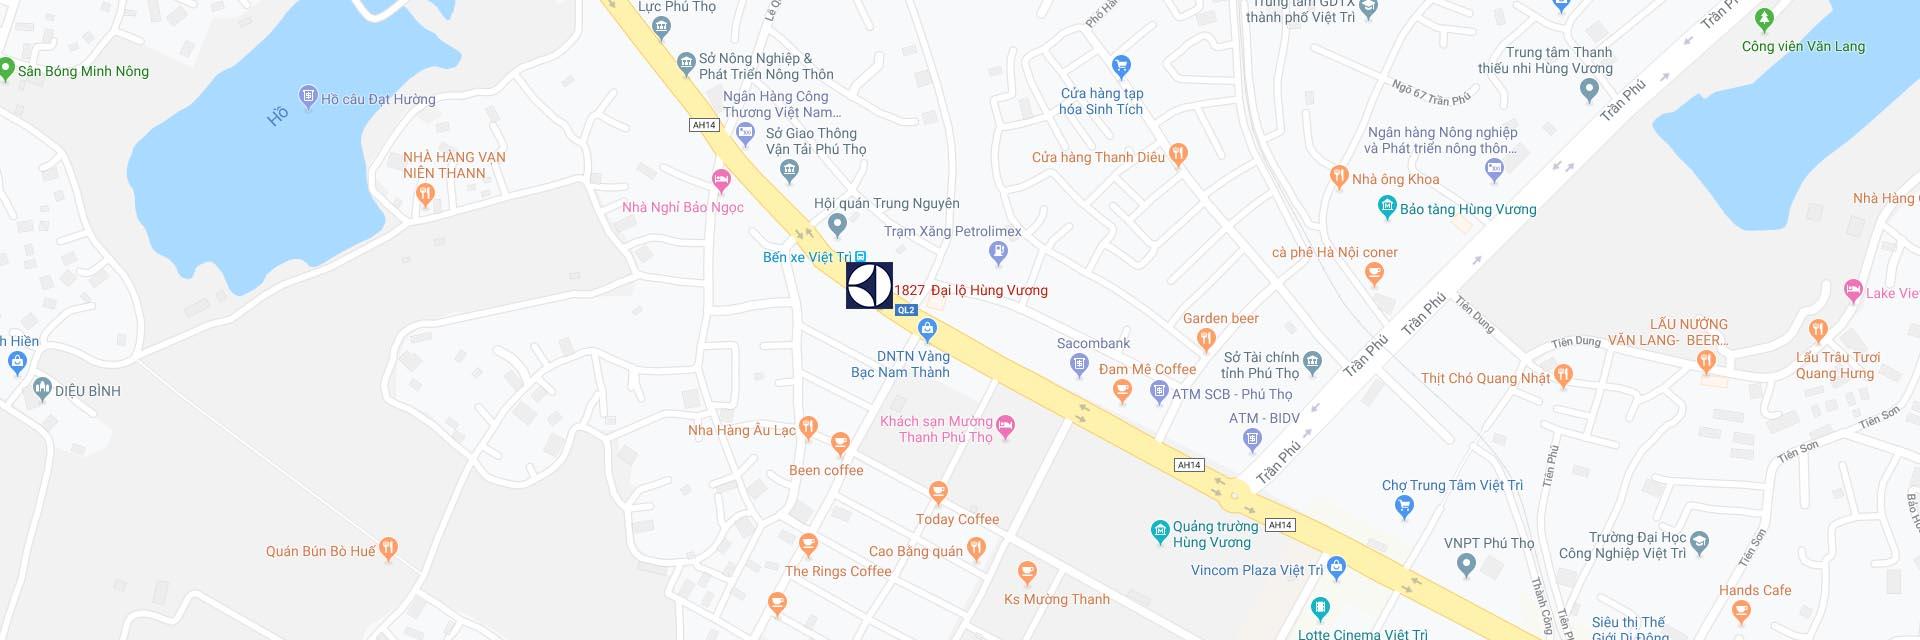 Google Maps Trung tâm bảo hành Electrolux tại Phú Thọ